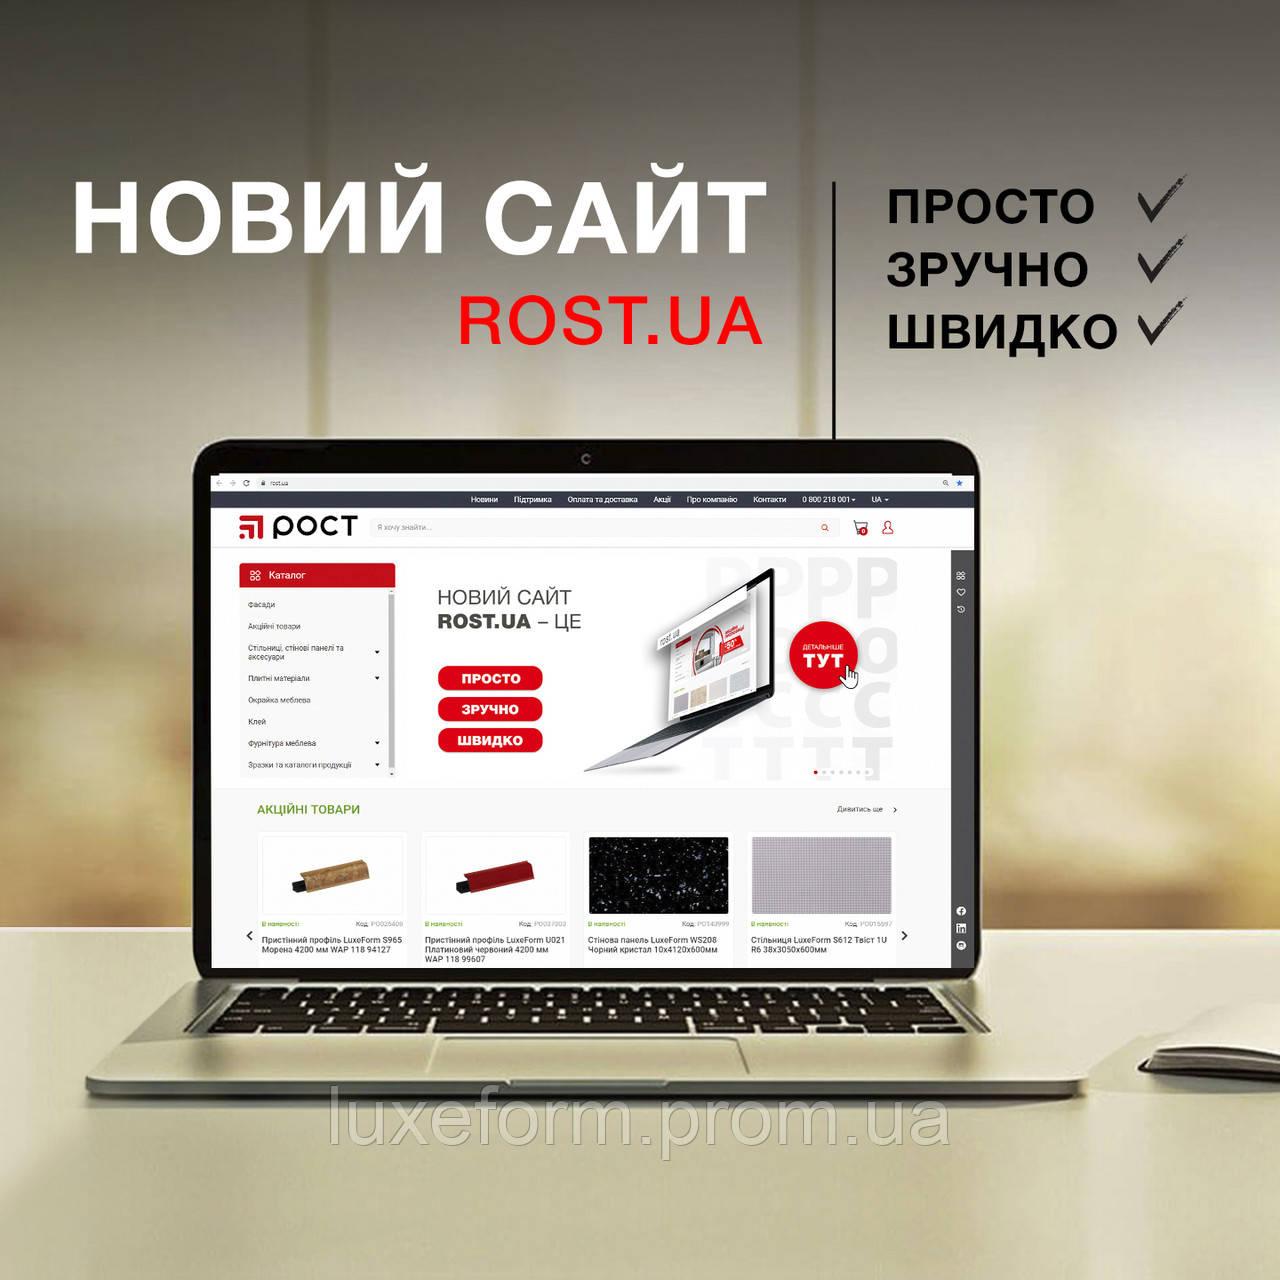 Новий сайт ROST.UA